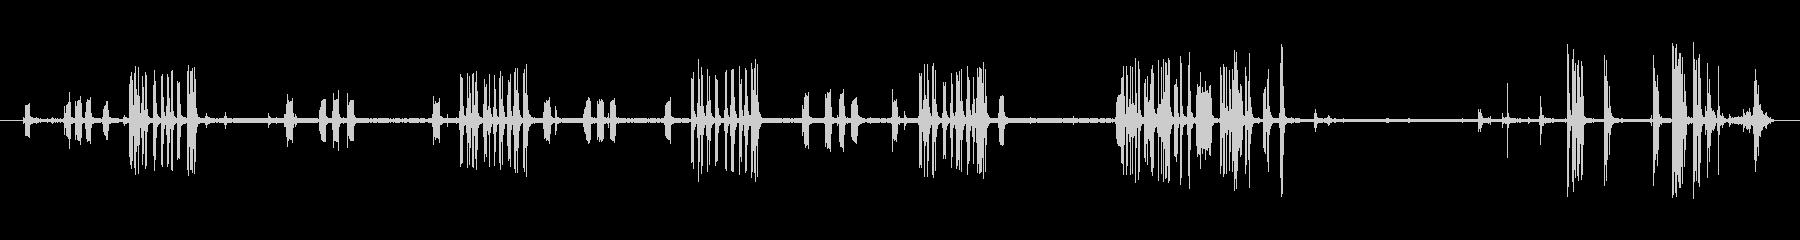 電子登録:ビープ音、オープン、クロ...の未再生の波形